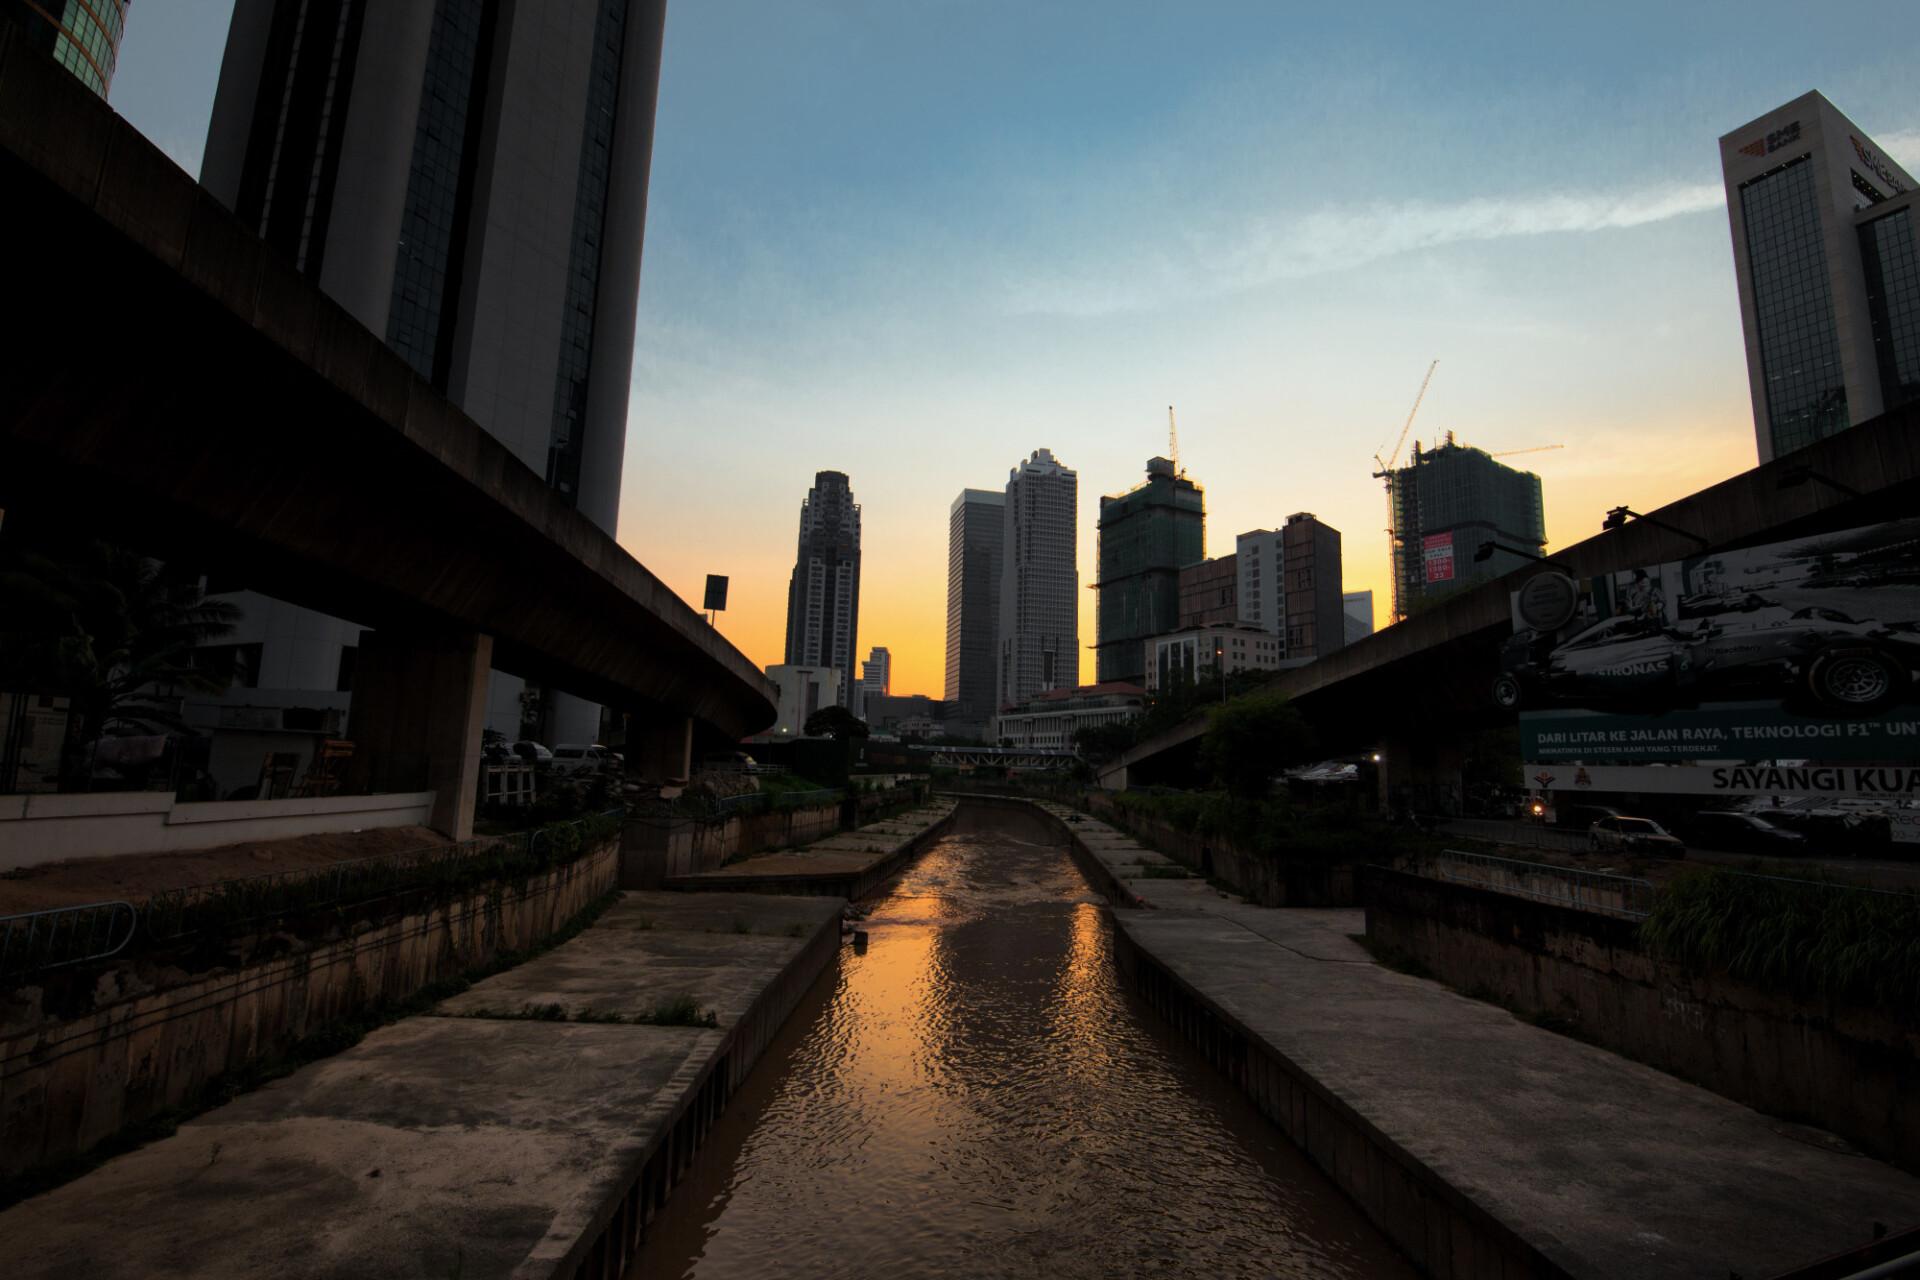 Canal in Shanghai